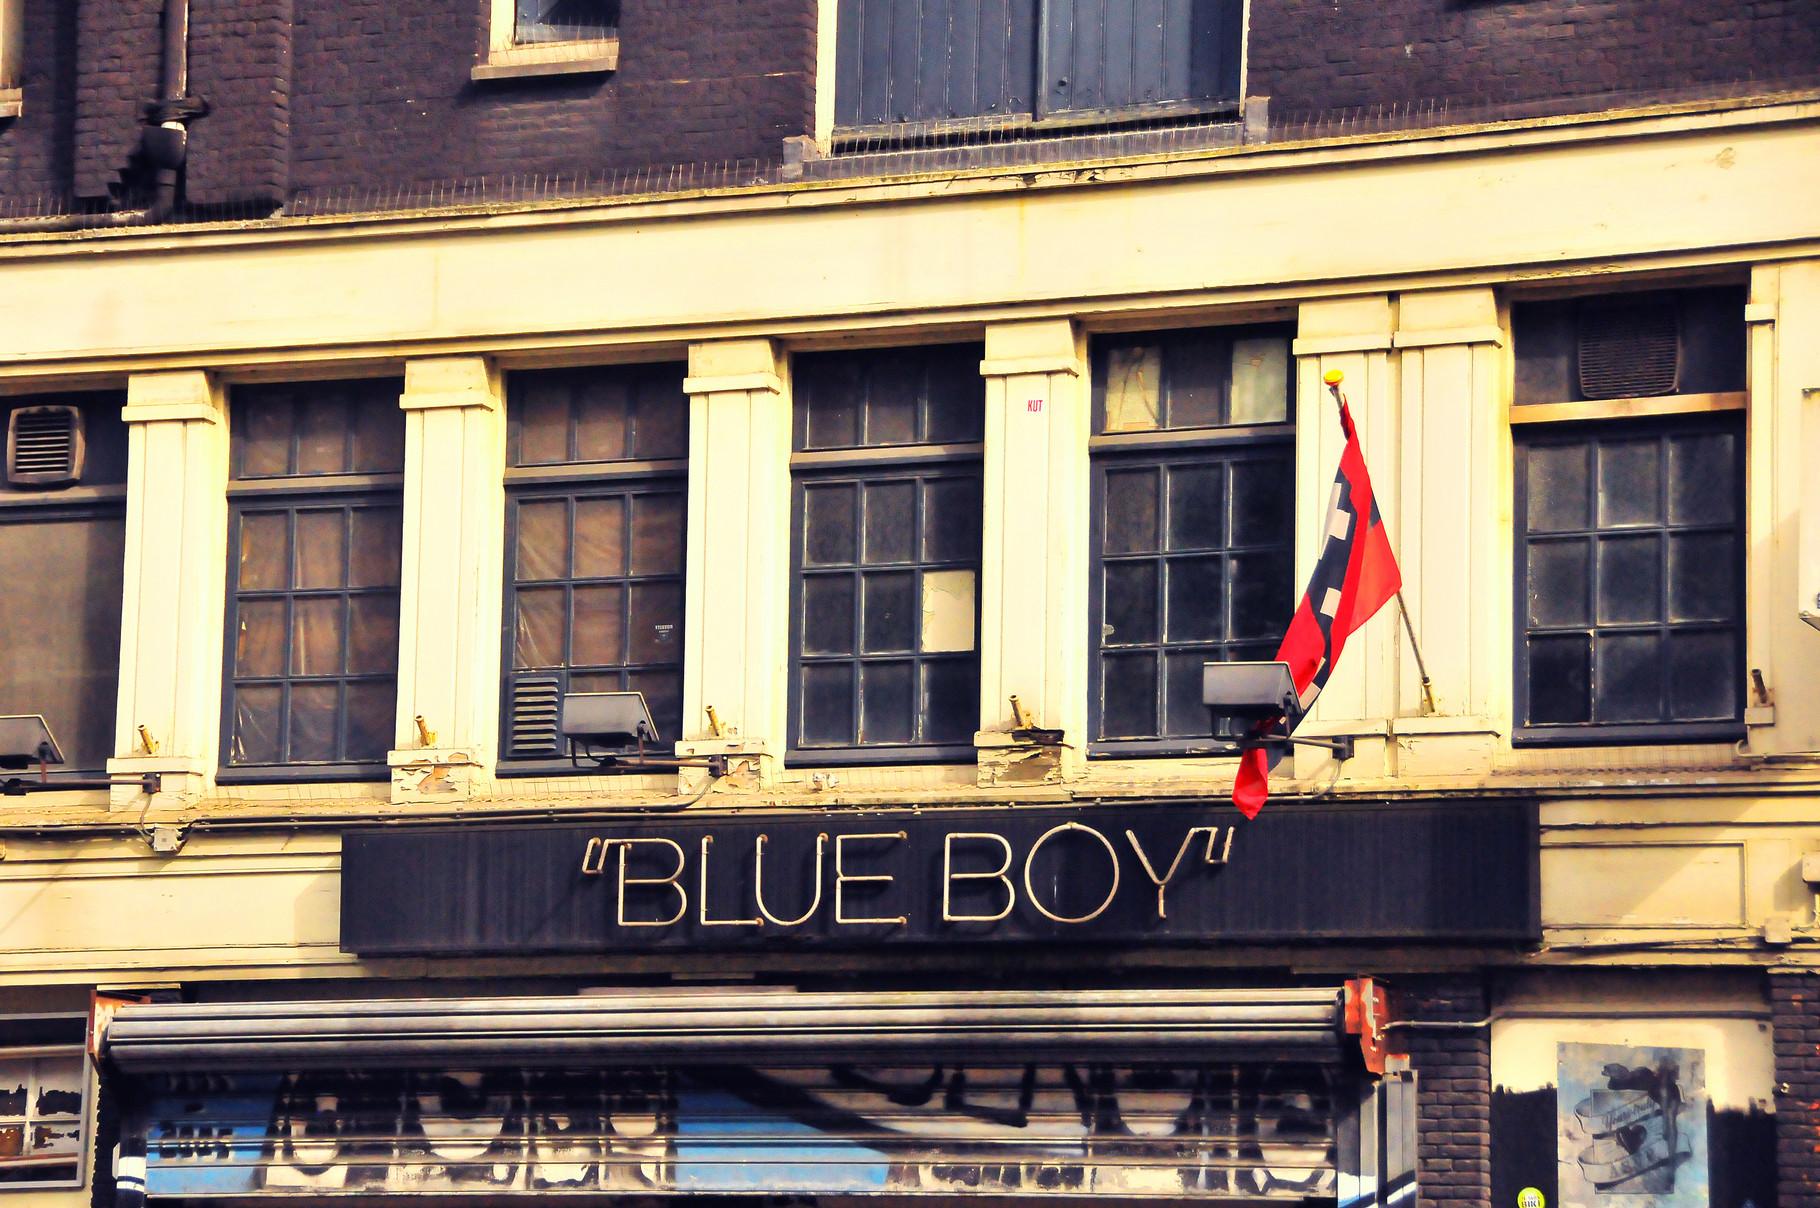 59 Blue Boy